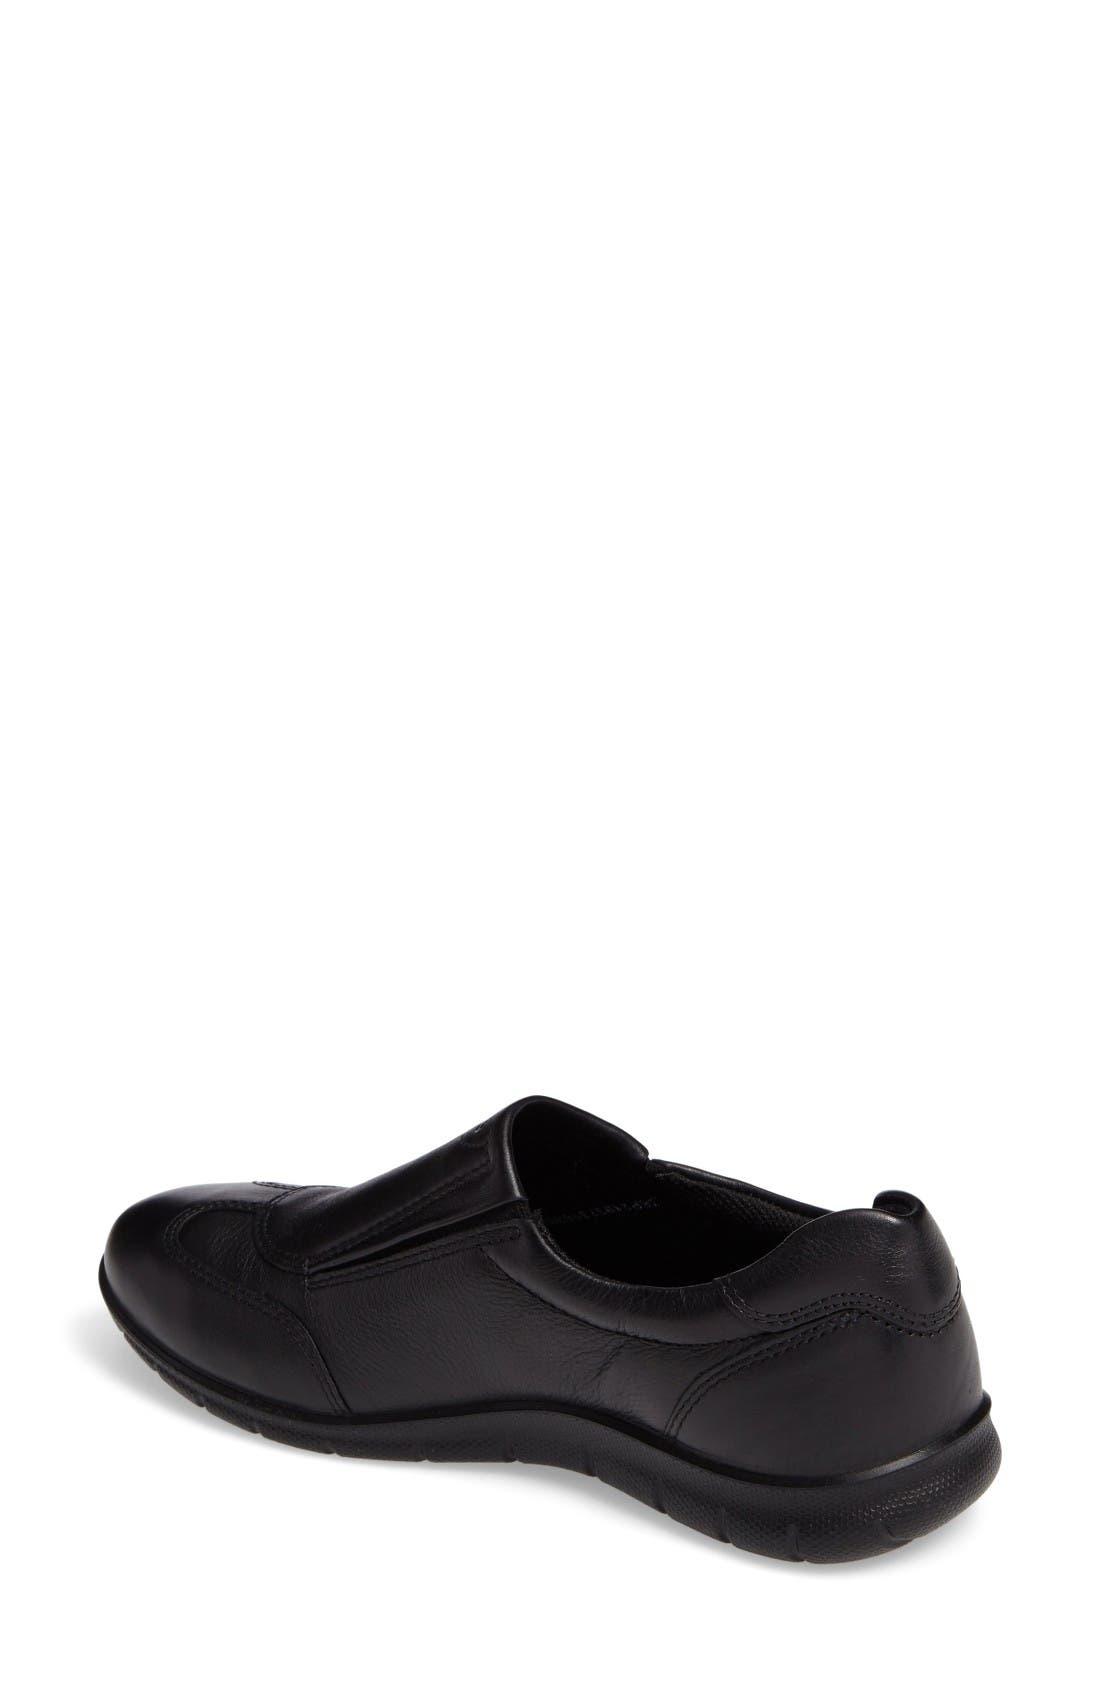 Babett II Slip-On,                             Alternate thumbnail 2, color,                             Black Leather